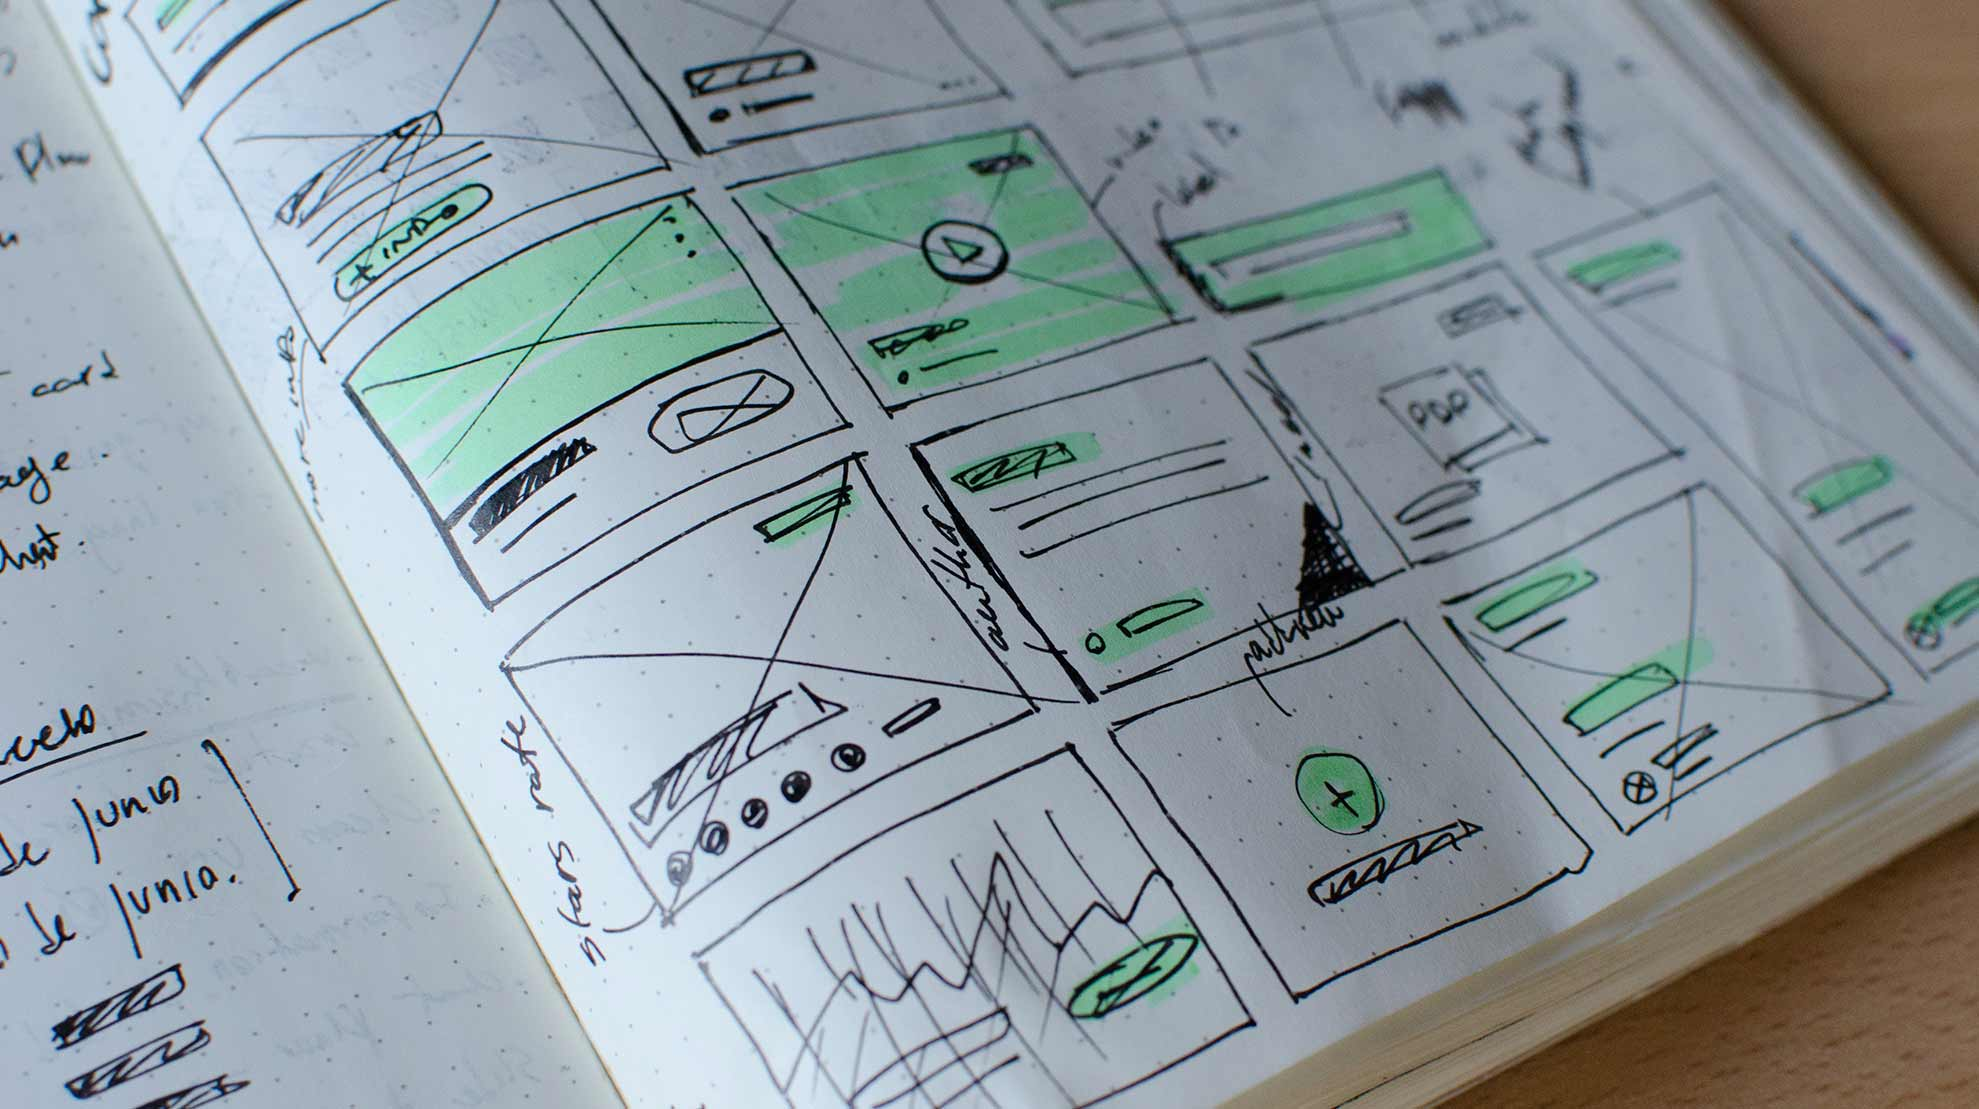 agencia de publicidad barcelona - Mejorar estrategias comerciales, imagen, comunicación,... para empresas que no disponen de medios